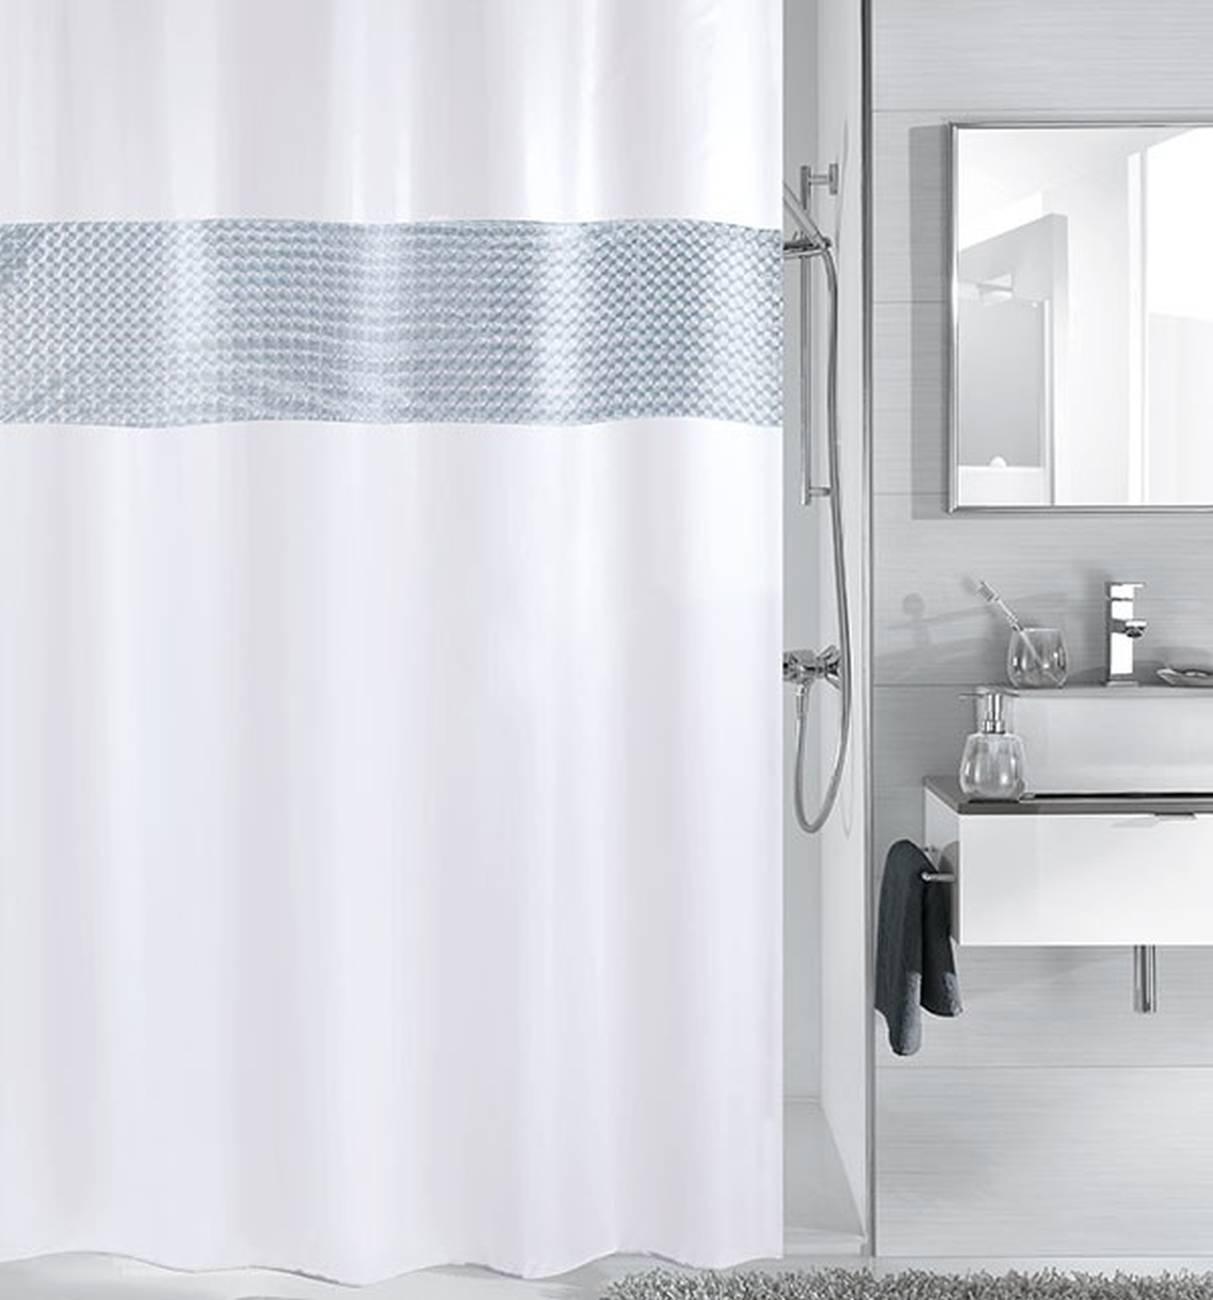 Duschvorhang Twin 100 % Polyester Schneeweiss 180x200 cm